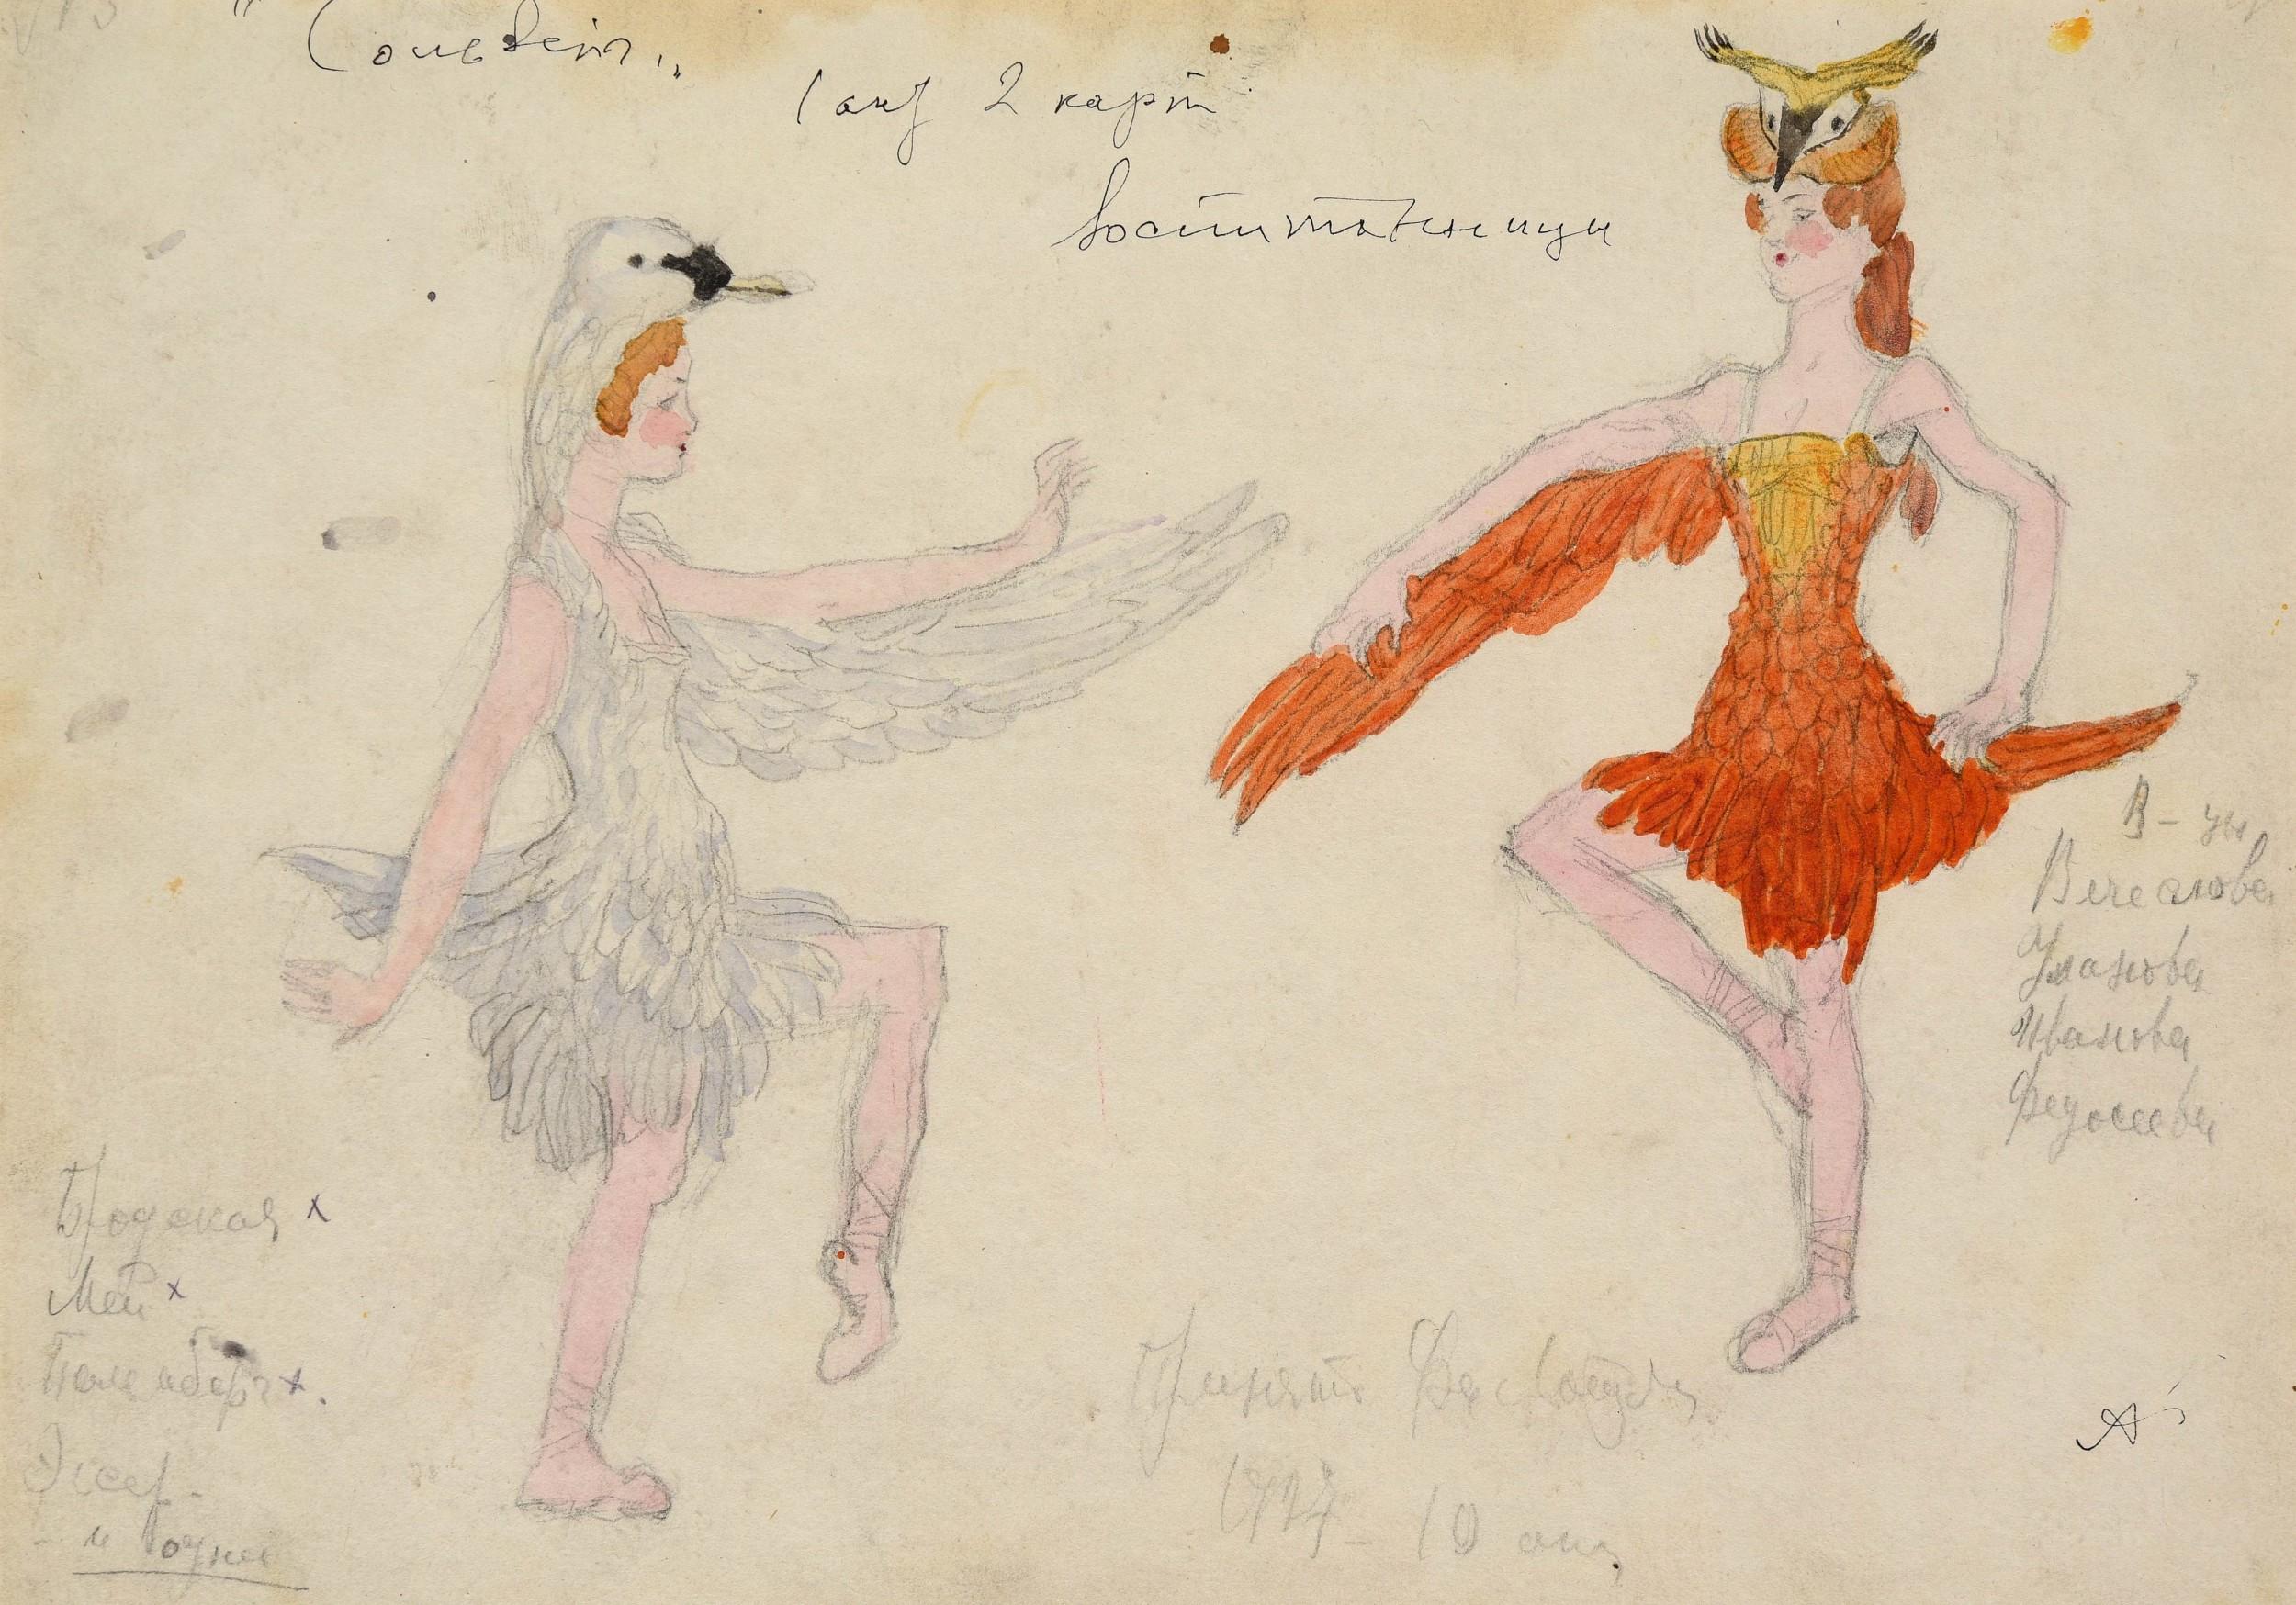 Alexandre Iakovlevitch Golovine, projet de costumes pour les personnages de « La demoiselle des neiges » image ©HVMC